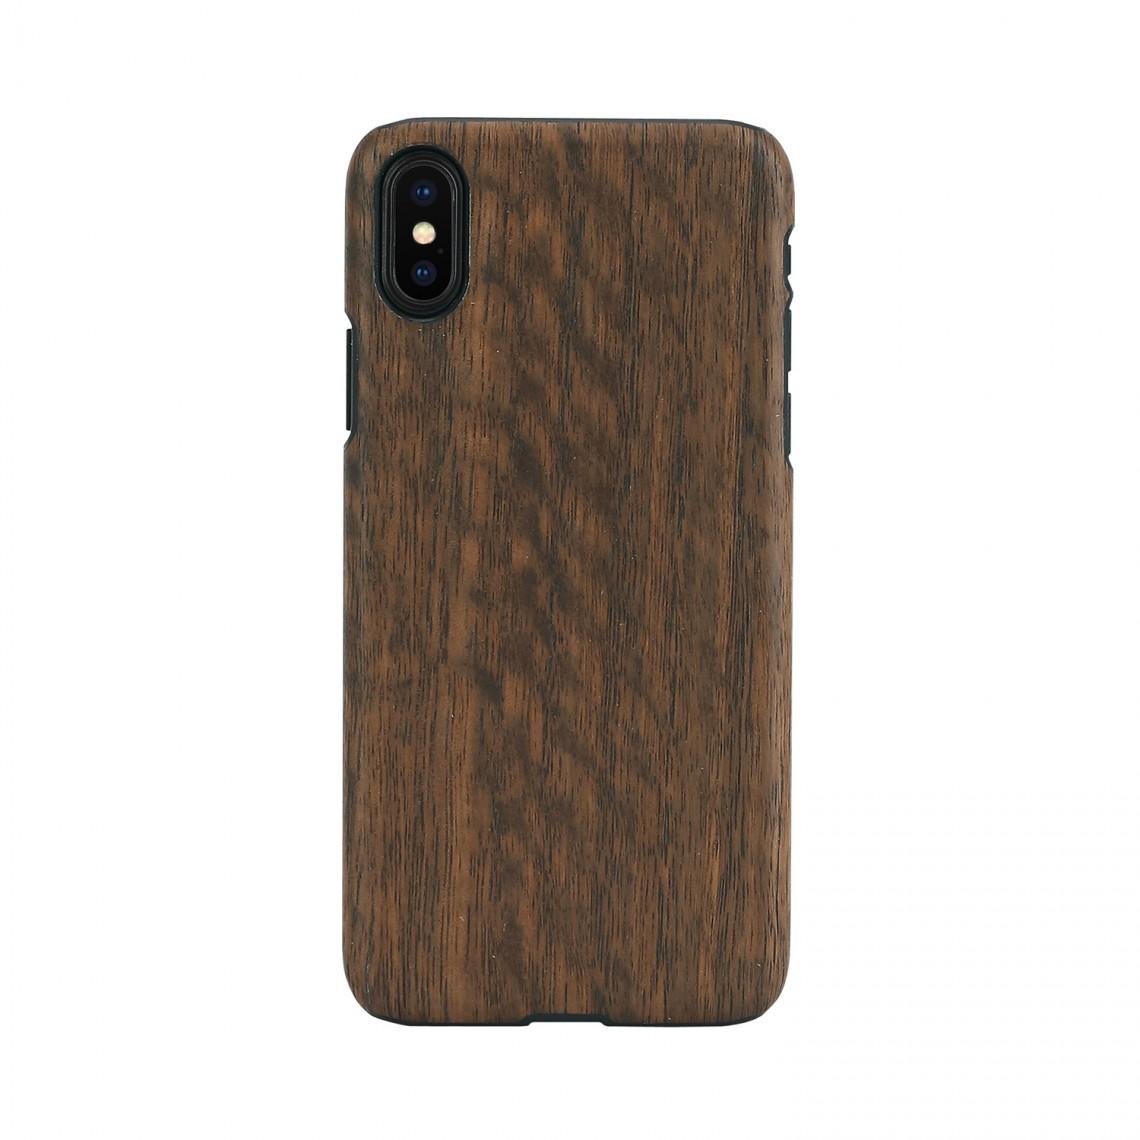 iPhone XS Max ケース 天然木 Man&Wood Koala(マンアンドウッド コアラ)